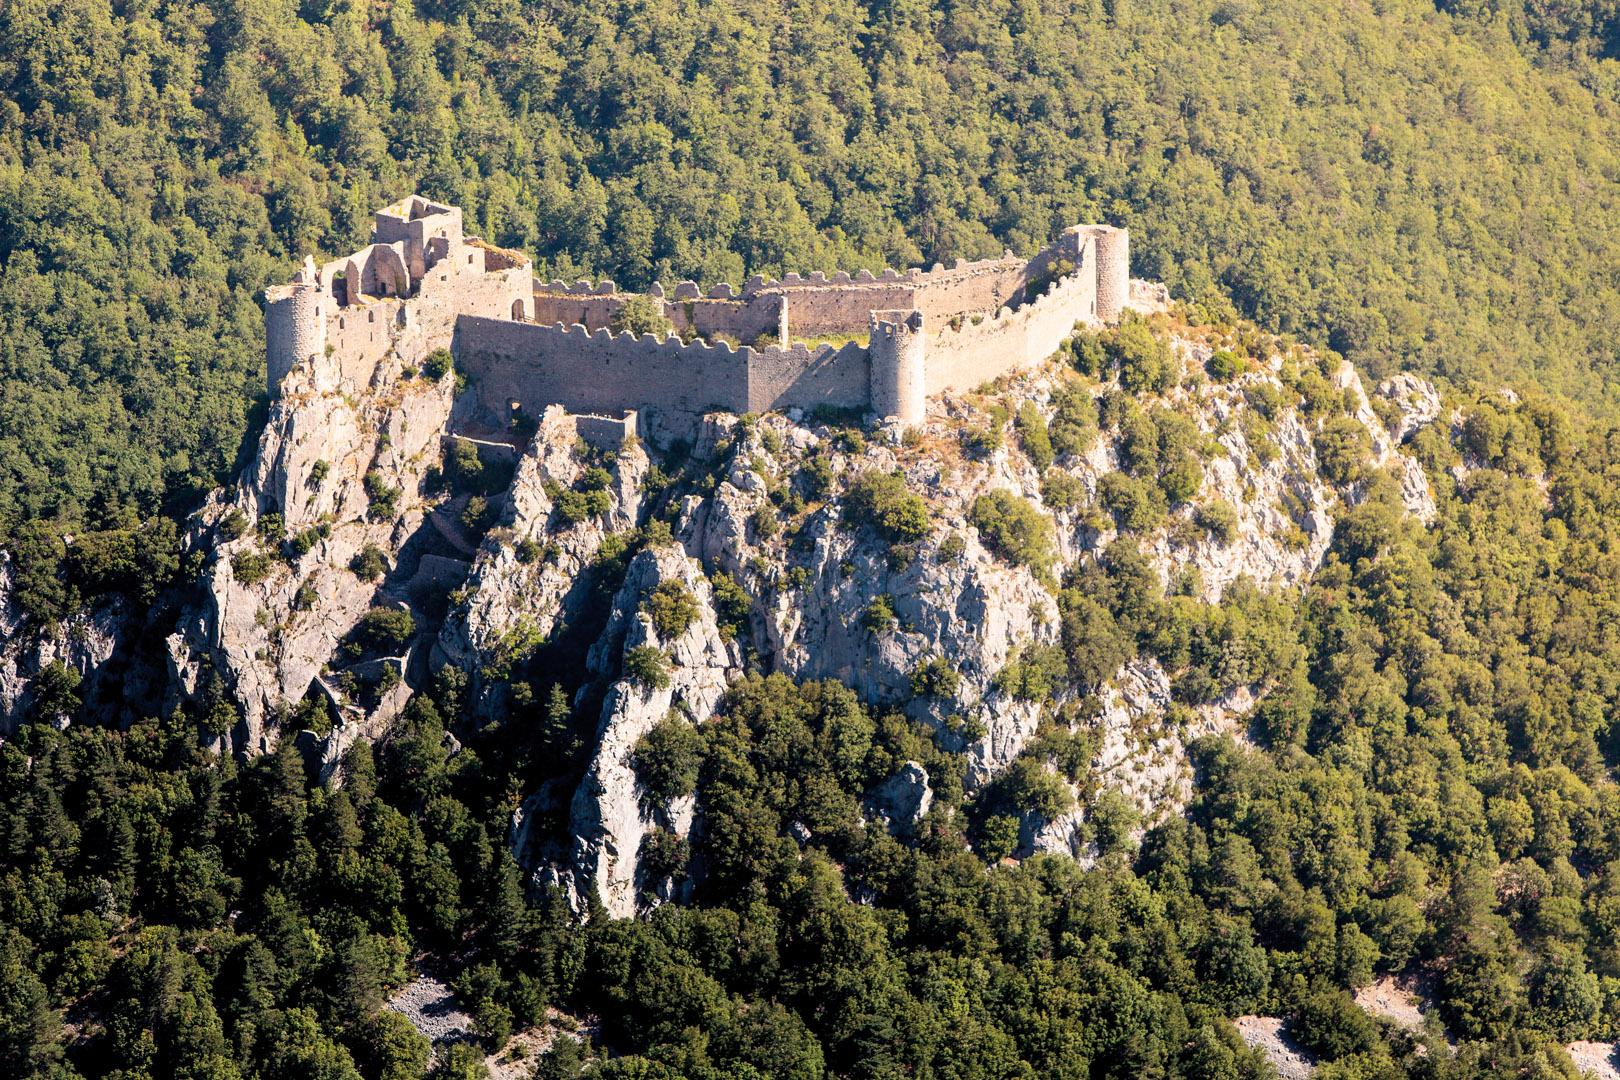 Le château de Puilaurens : son imposante silhouette crénelée a ainsi gardé toute sa hauteur, surgissant à 697m d'altitude au sommet d'une crête abrupte, au-dessus des forêts ondulantes de la vallée de la Boulzane.